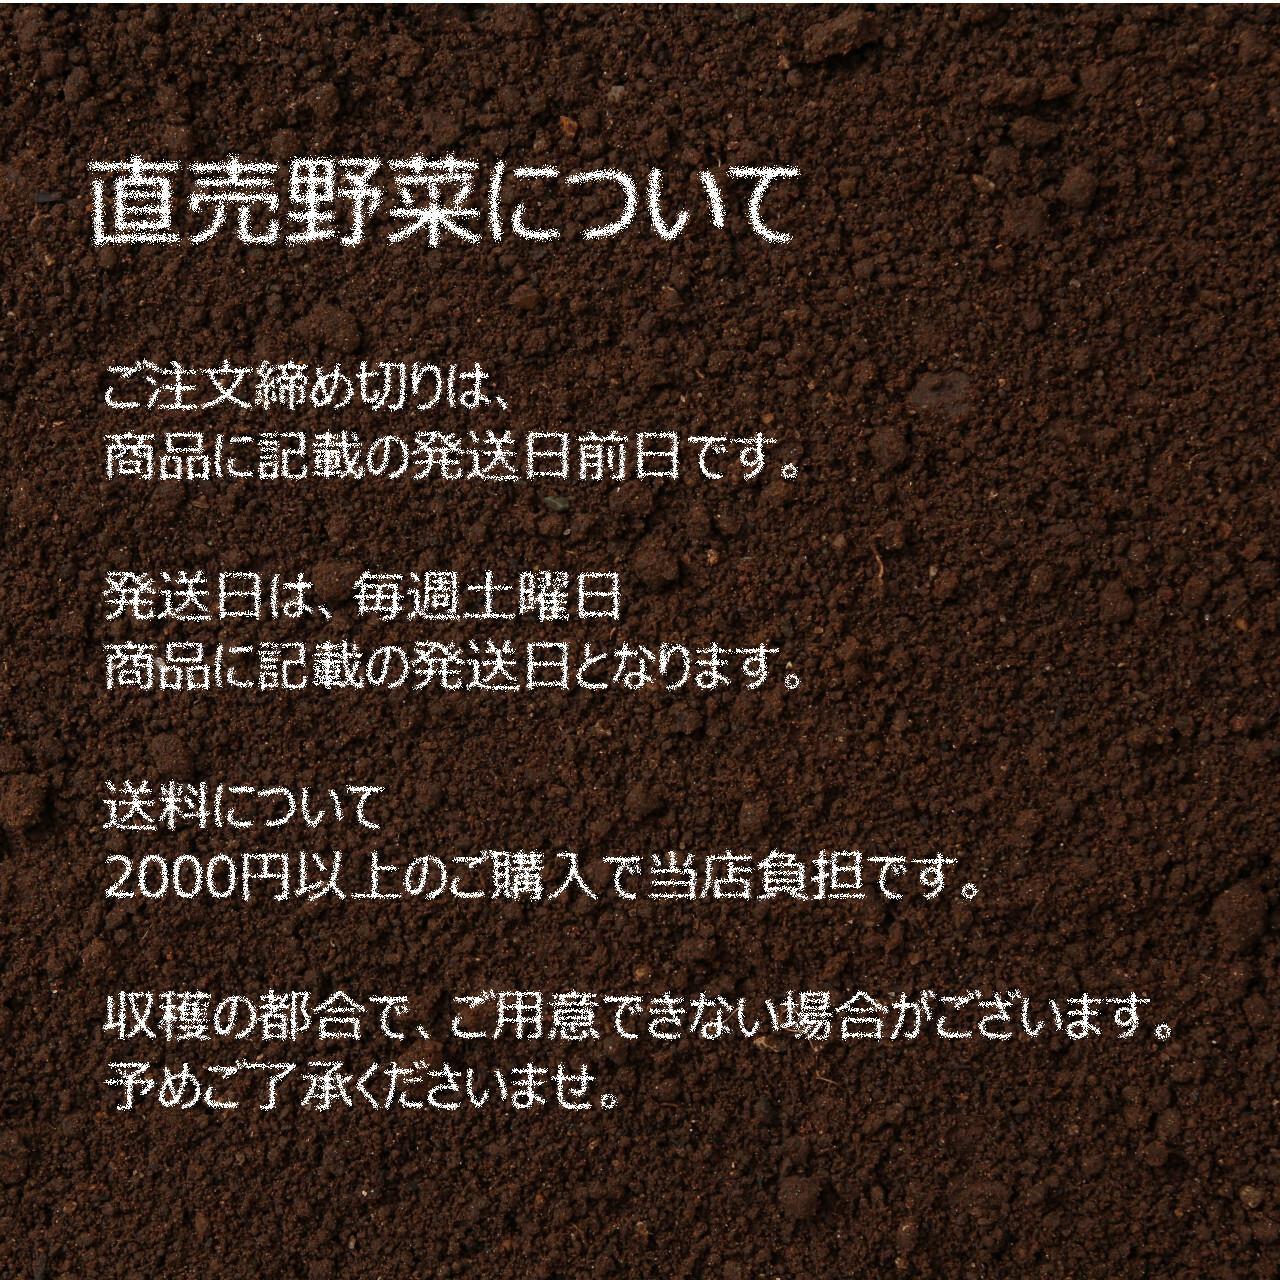 8月の朝採り直売野菜 : ミョウガ 約150g 新鮮な夏野菜 8月22日発送予定